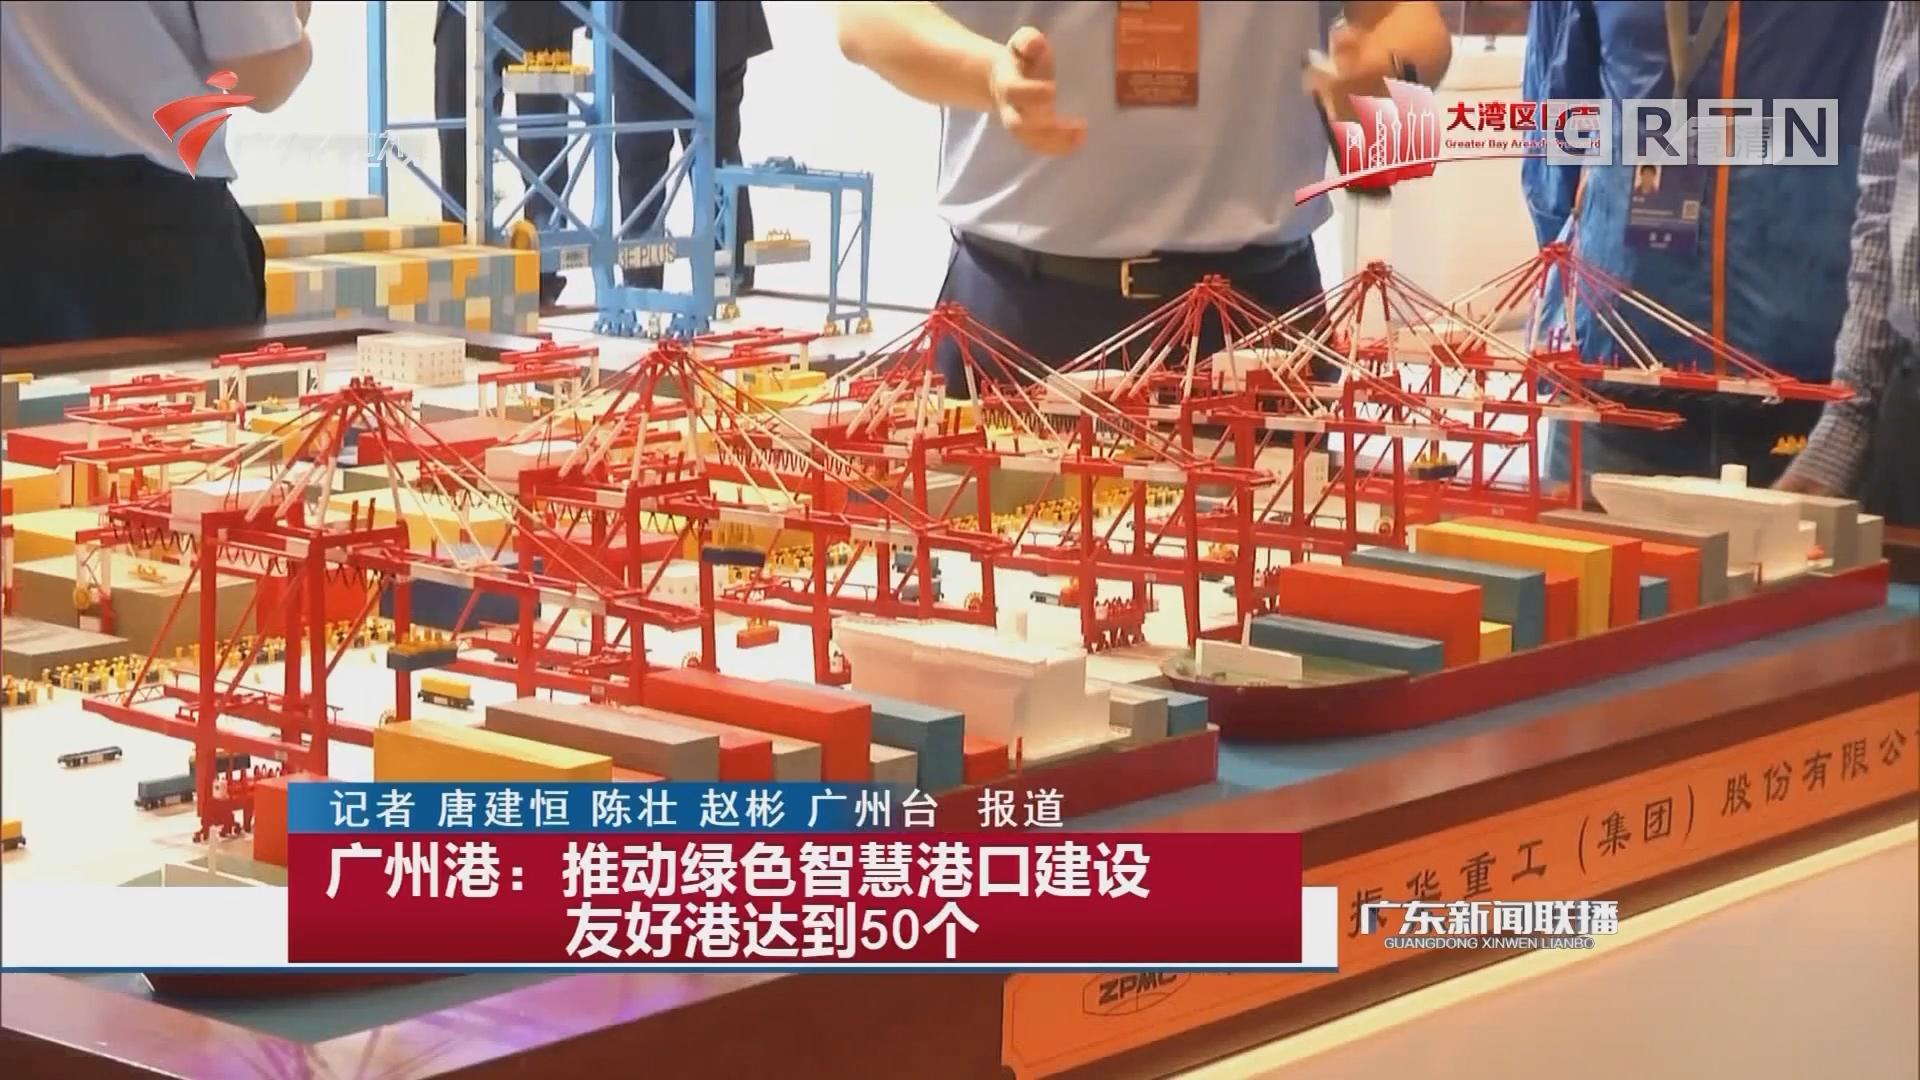 广州港:推动绿色智慧港口建设 友好港达到50个